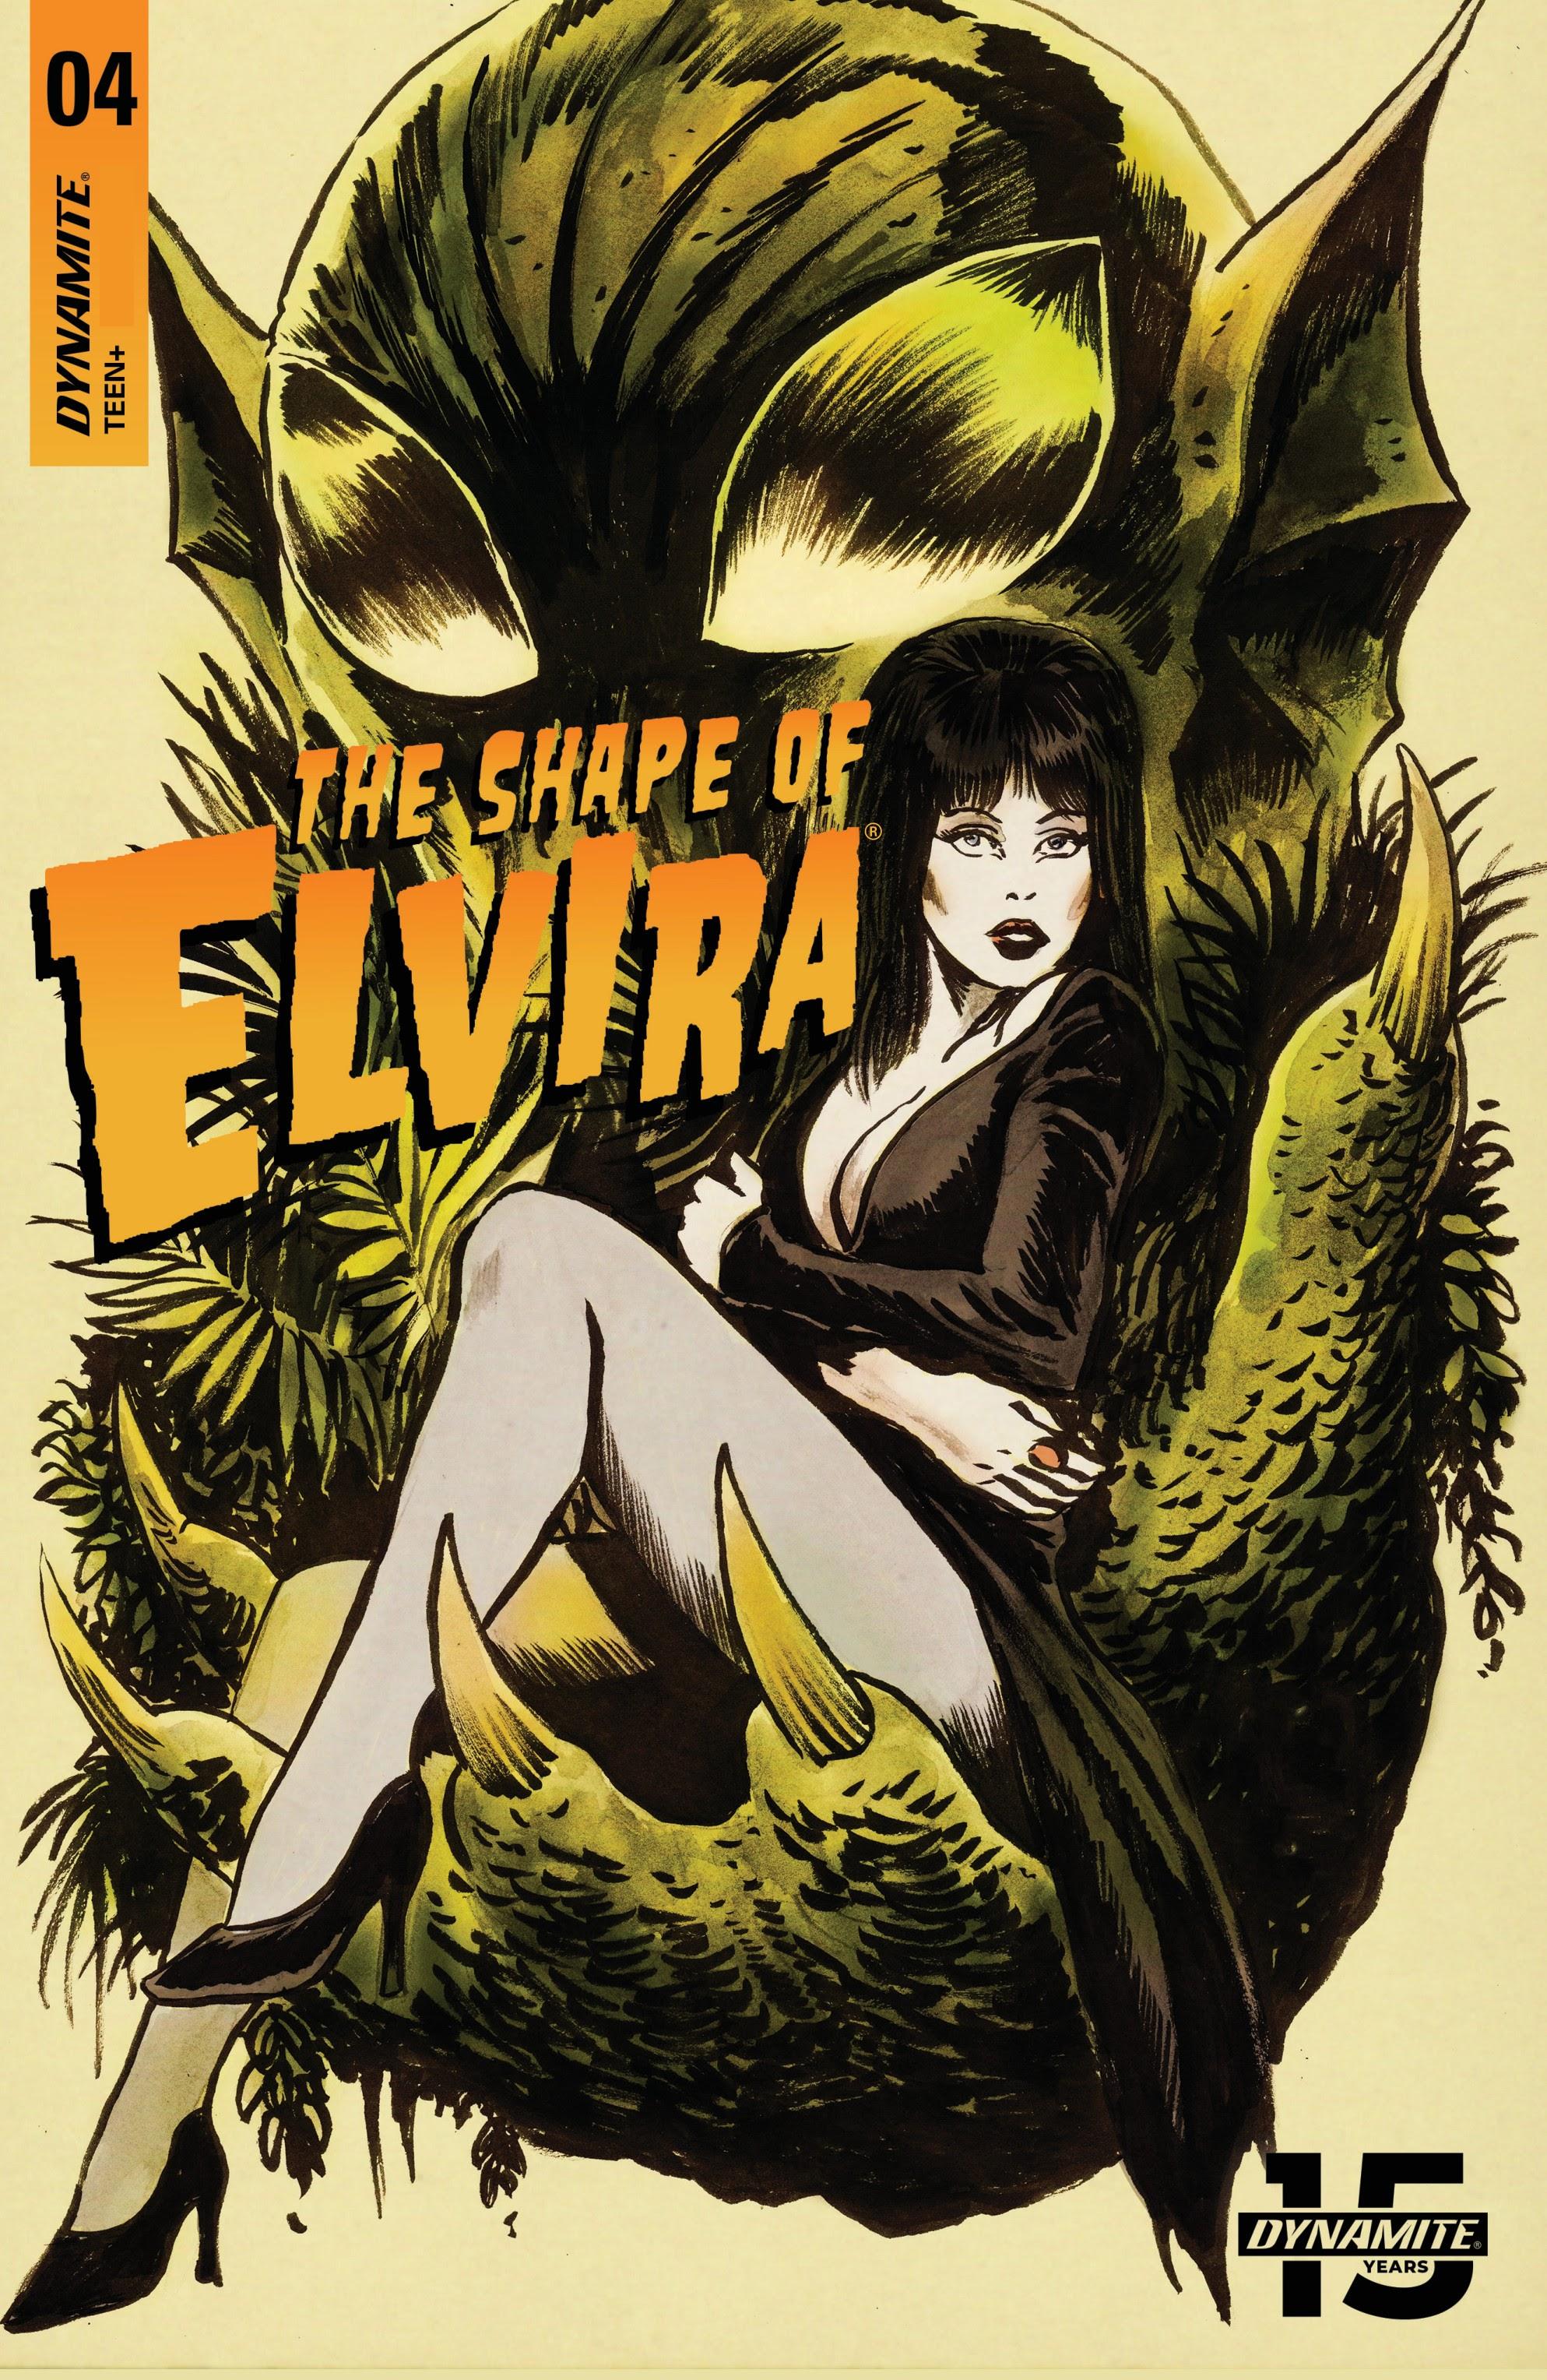 Elvira: The Shape of Elvira 4 Page 1